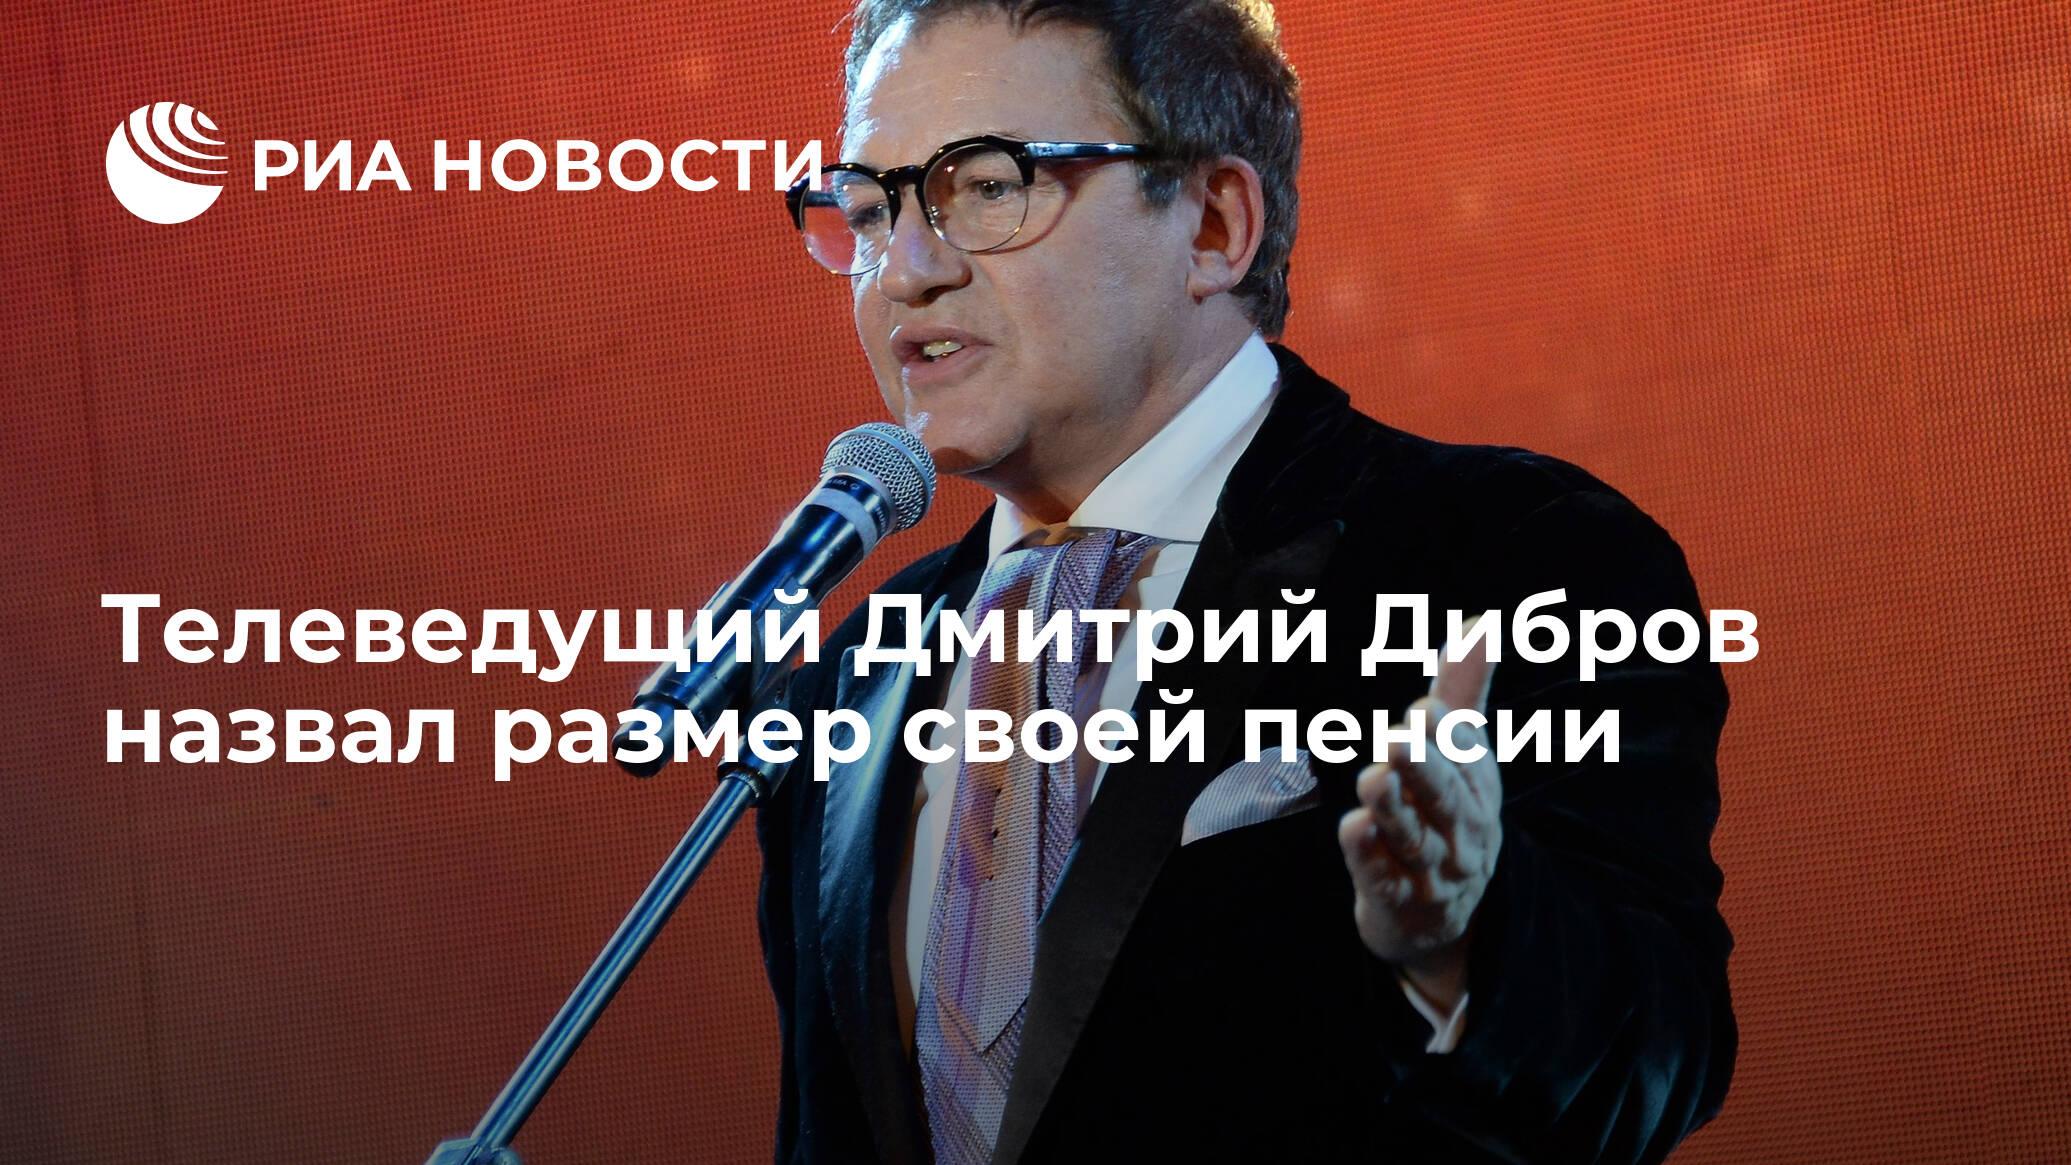 Телеведущий Дмитрий Дибров назвал размер своей пенсии